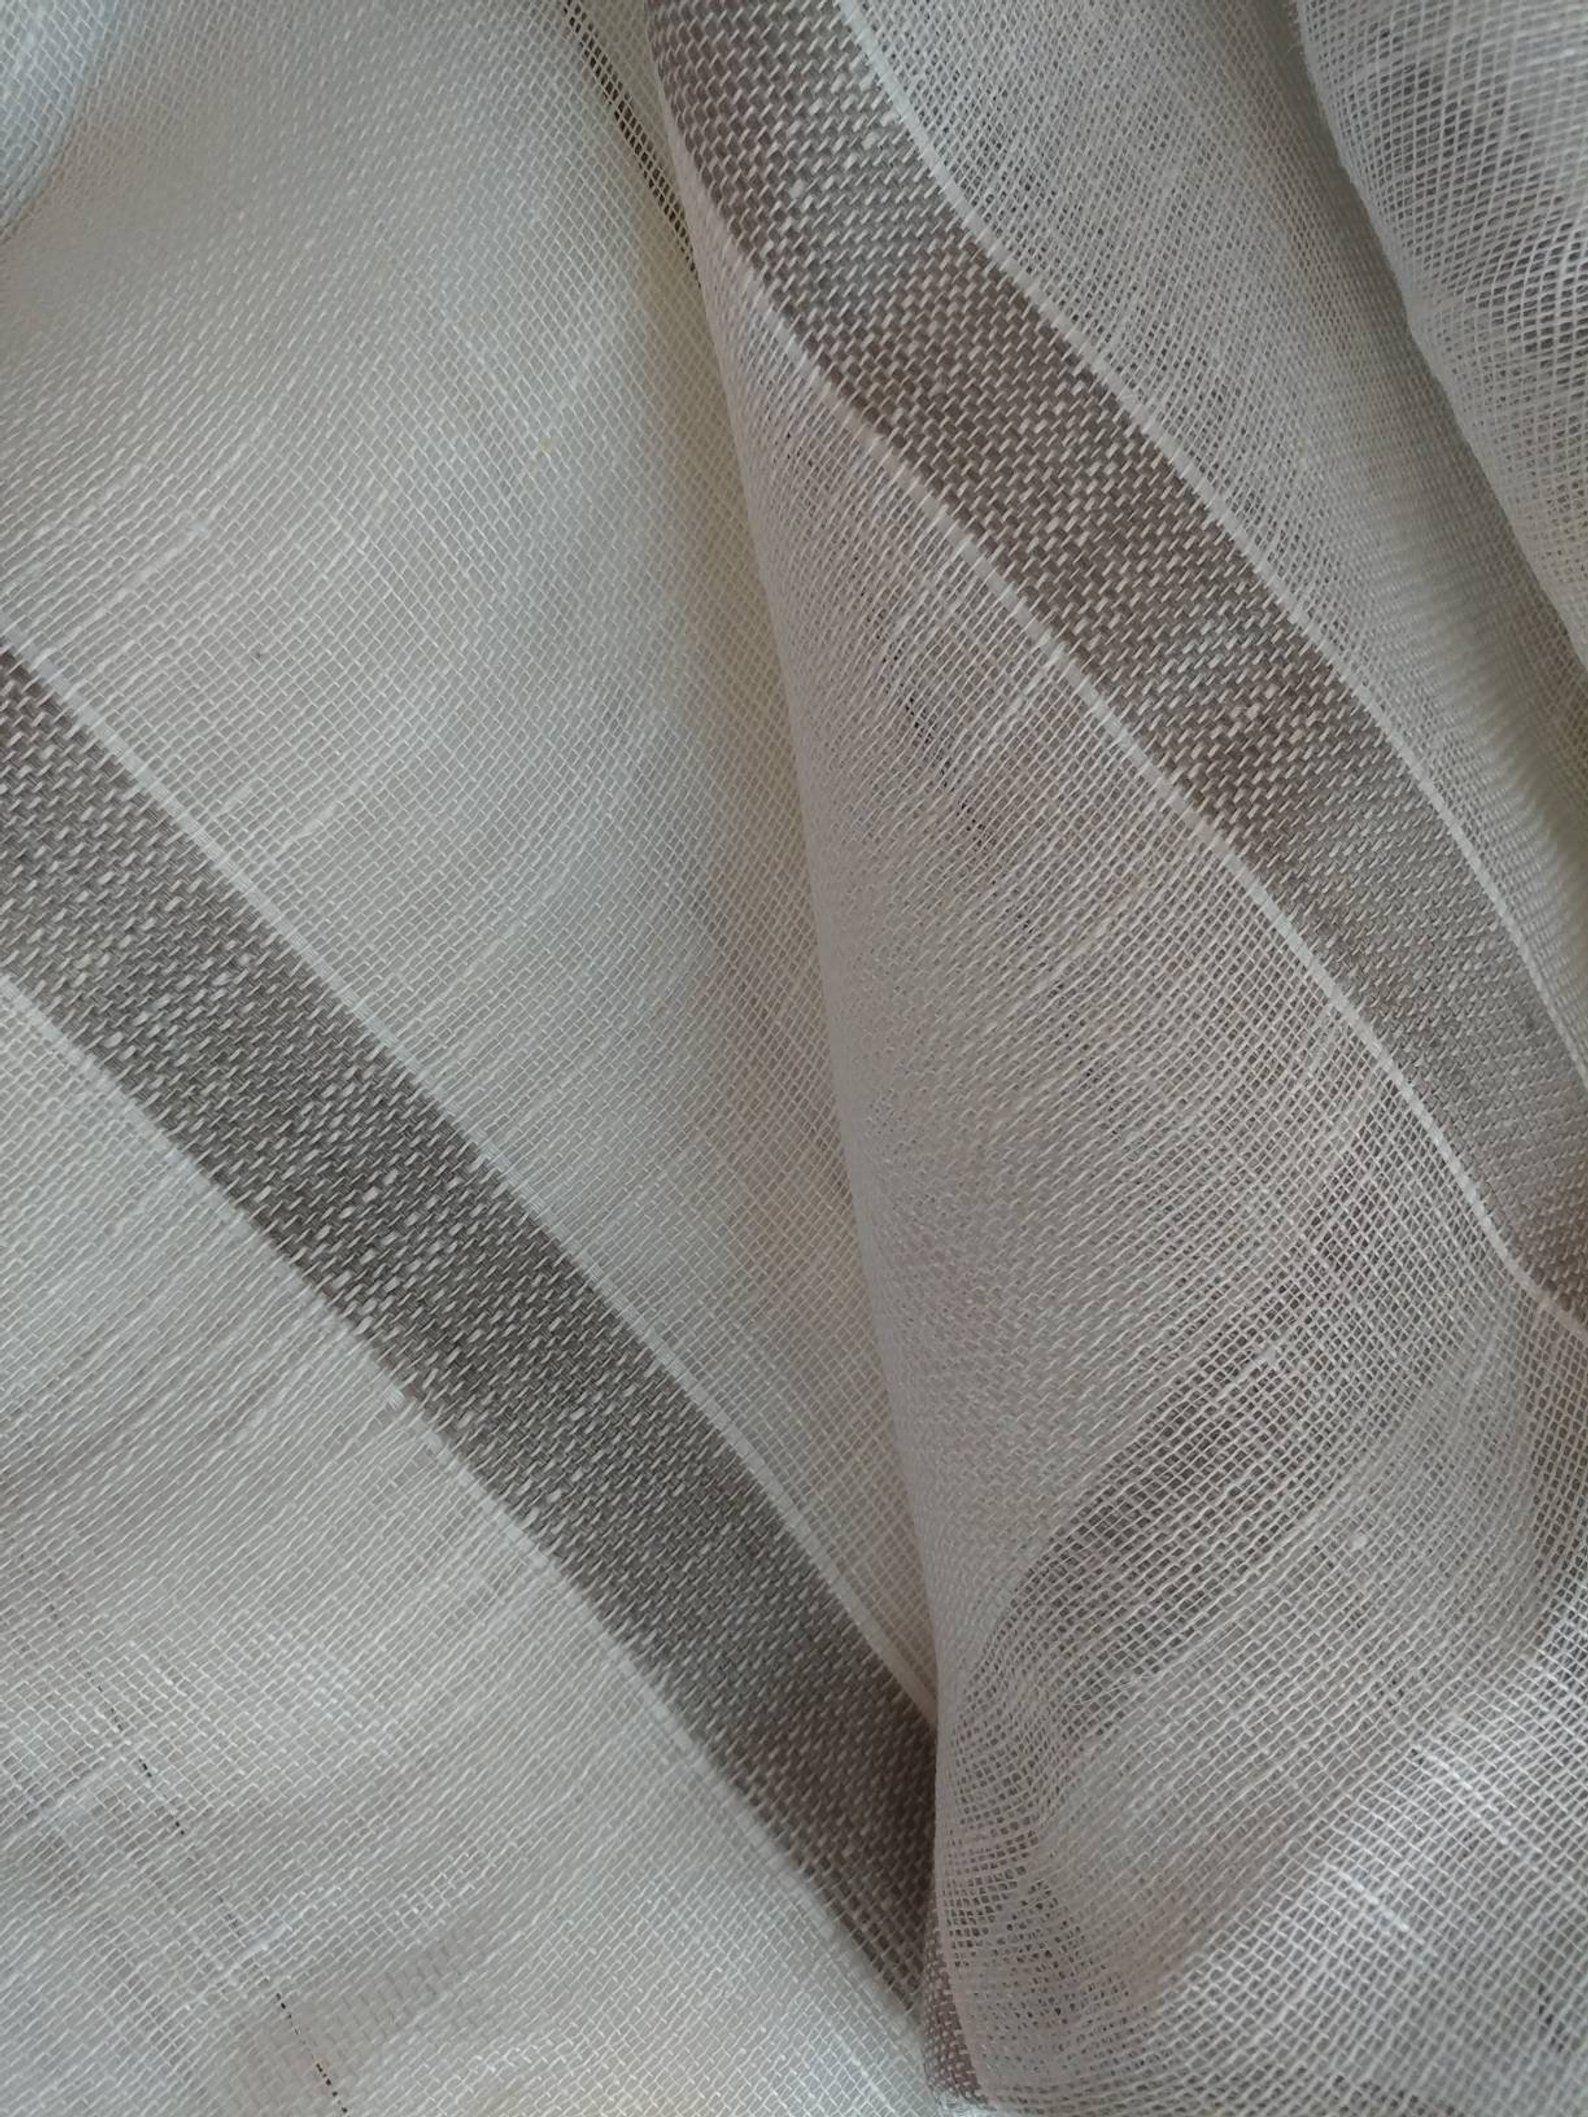 Natural Linen Fabric Lightweight Linen Flax Fabric Linen Etsy